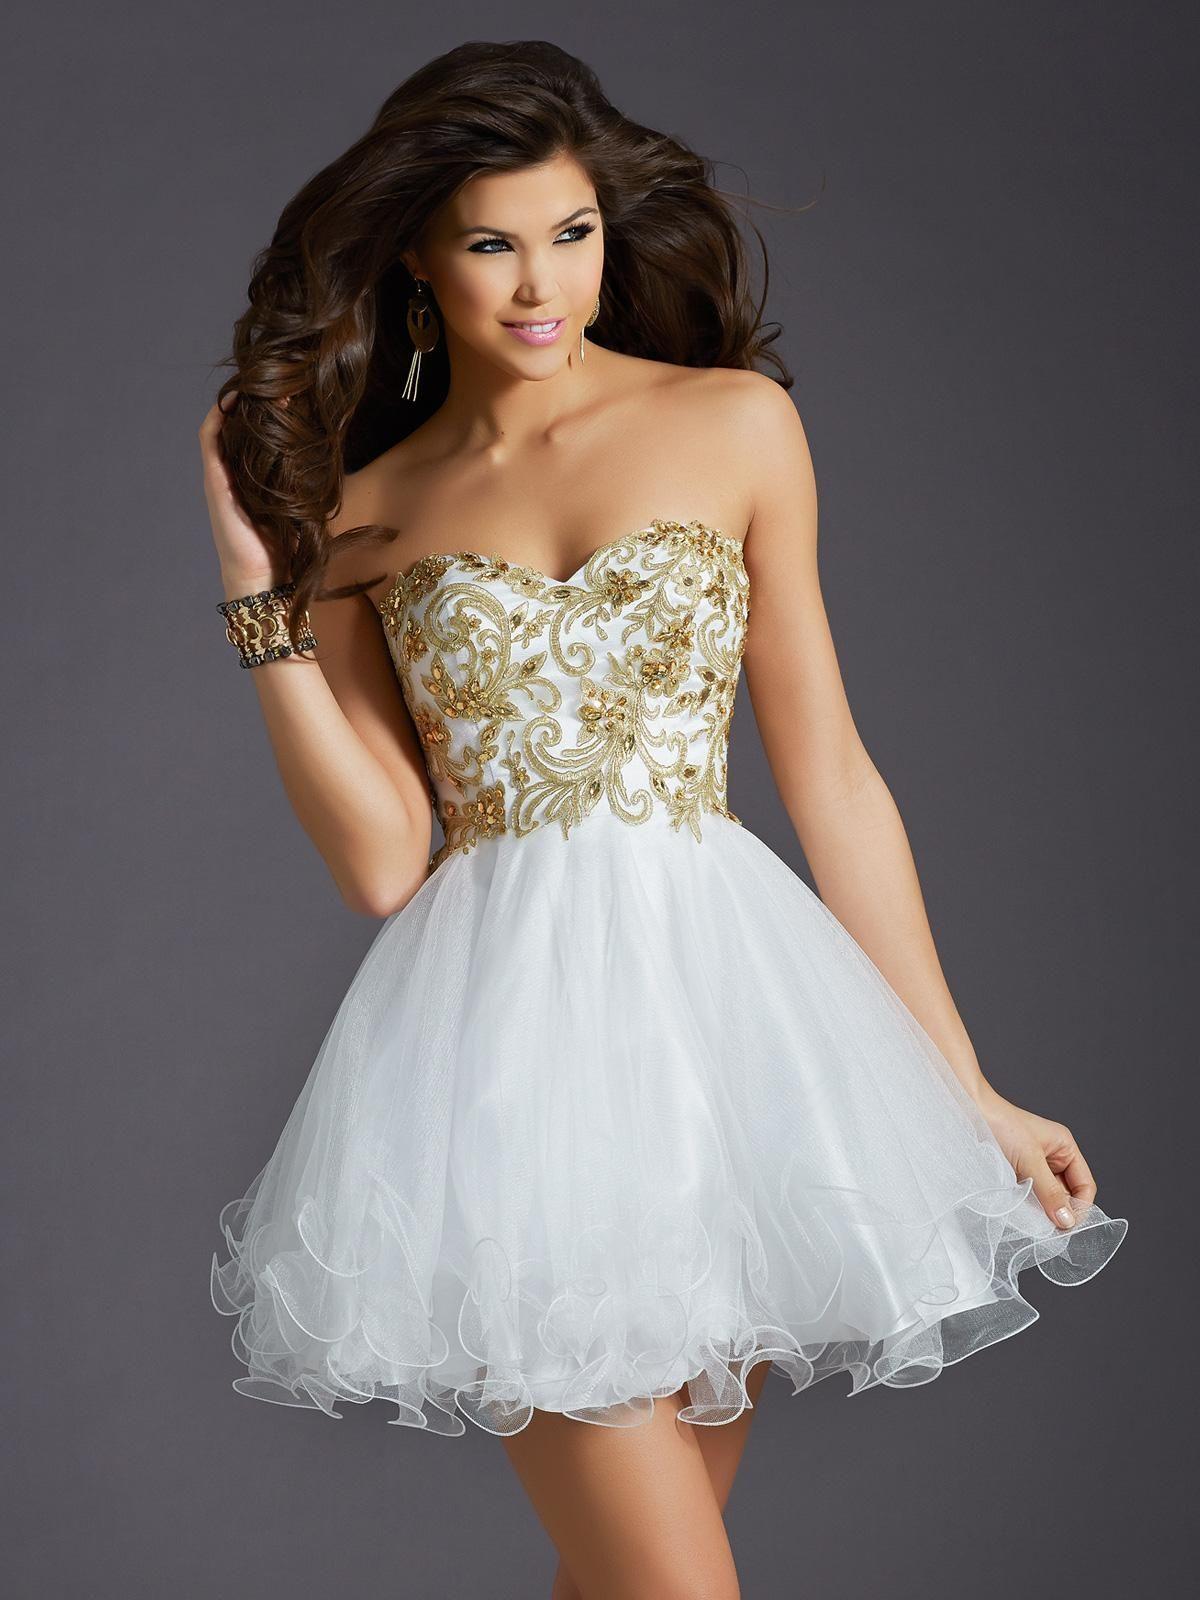 Sweet 16 Dais Dresses Strapless Short White